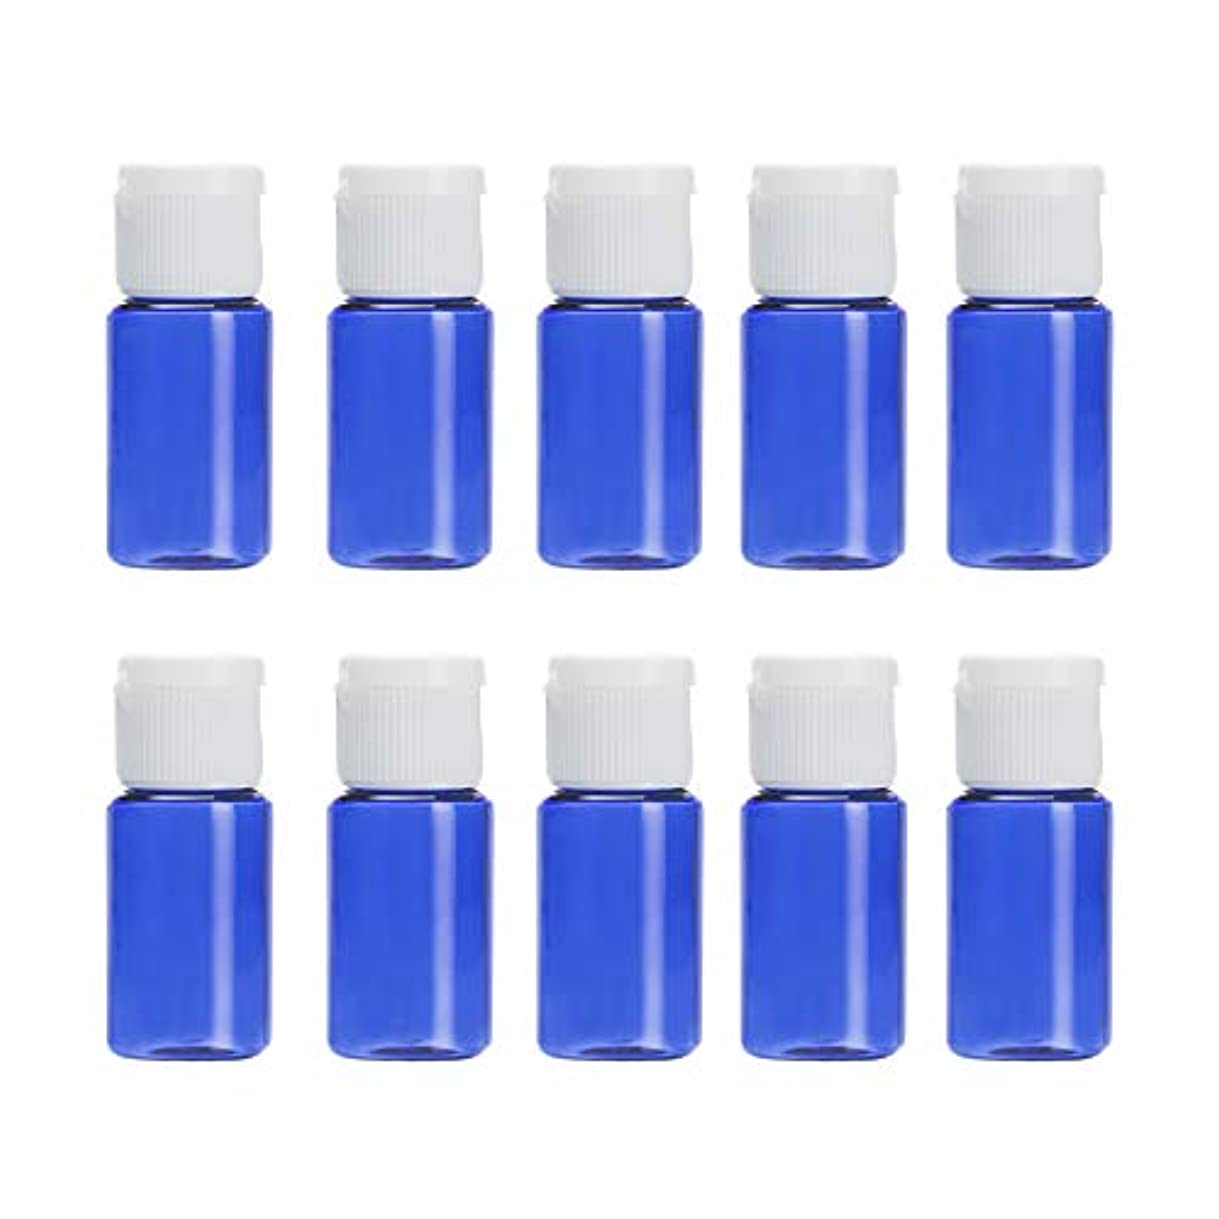 クロール震えジャグリングVi.yo 小分けボトル 香水ボトル 化粧水 詰替用ボトル 携帯用 旅行用品 10ml 10本セット ブルー